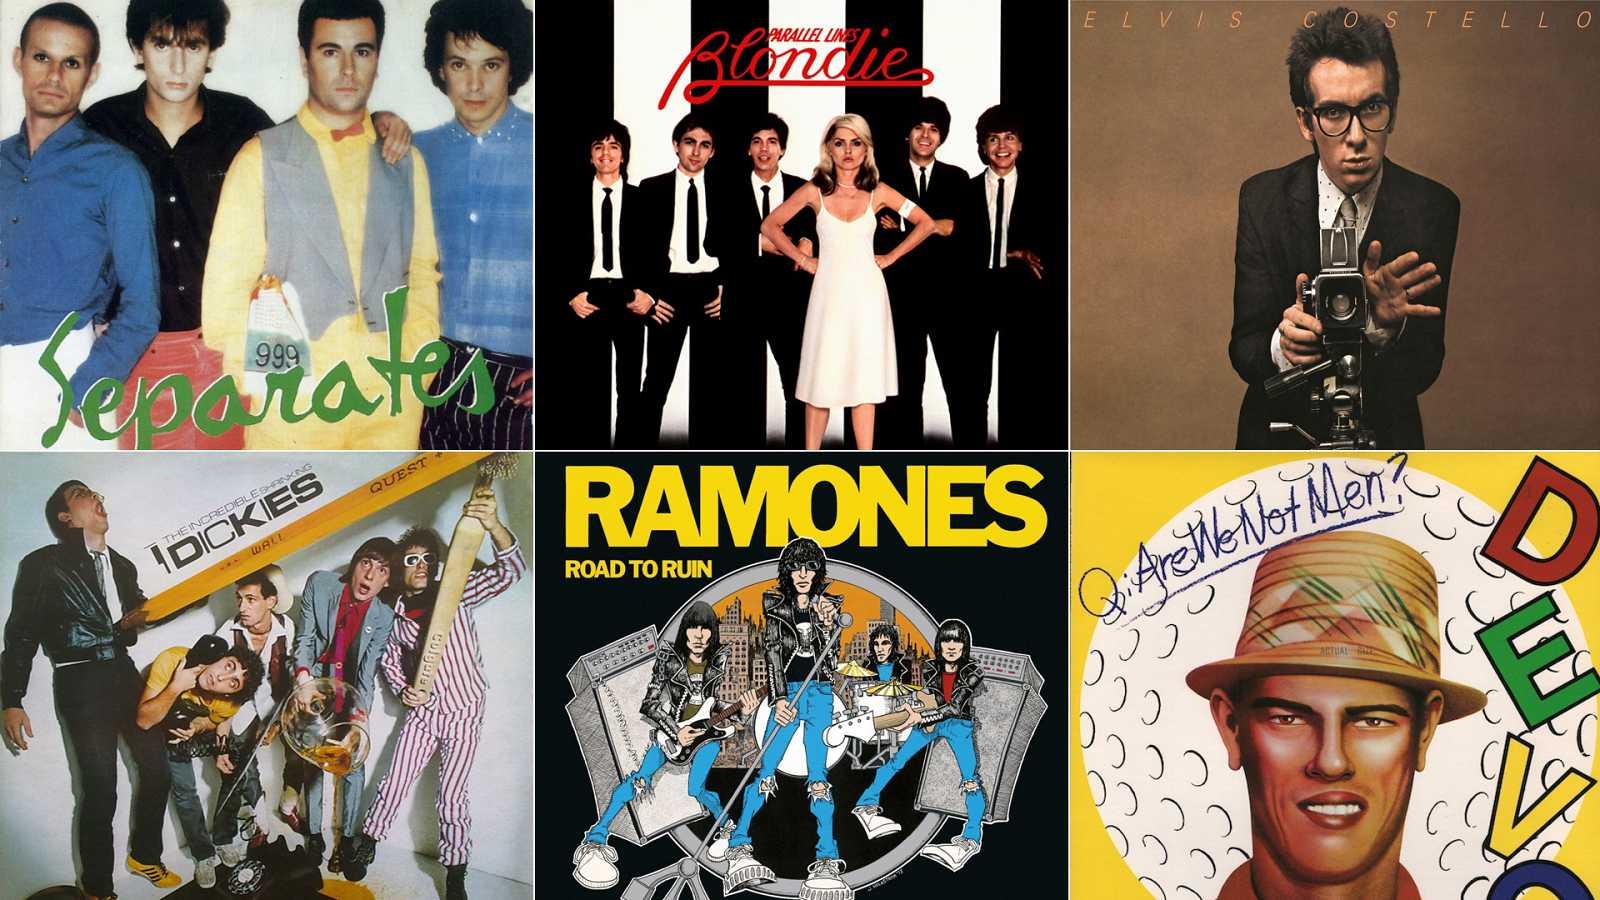 best albums 1978 999 blondie elvis costello dickies ramones devo